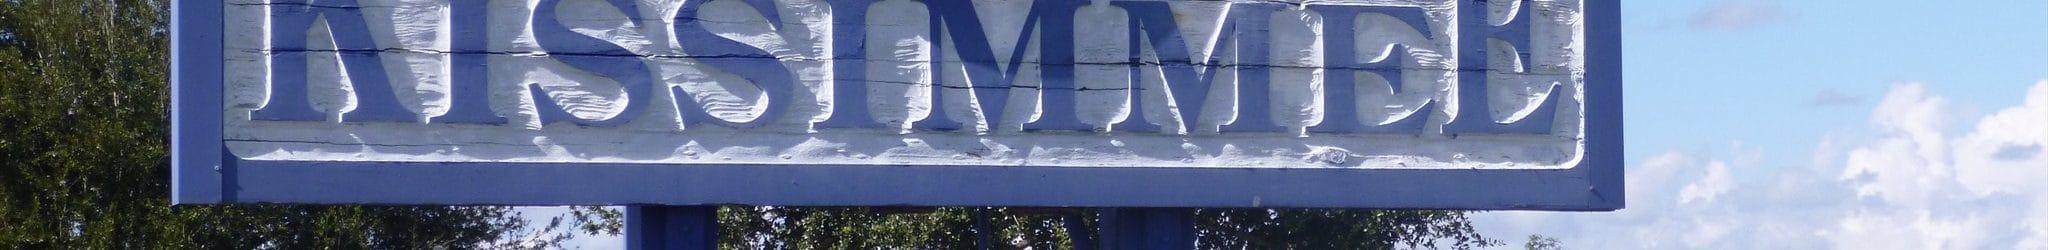 panneau de bienvenue de la ville de kissimmee en Floride